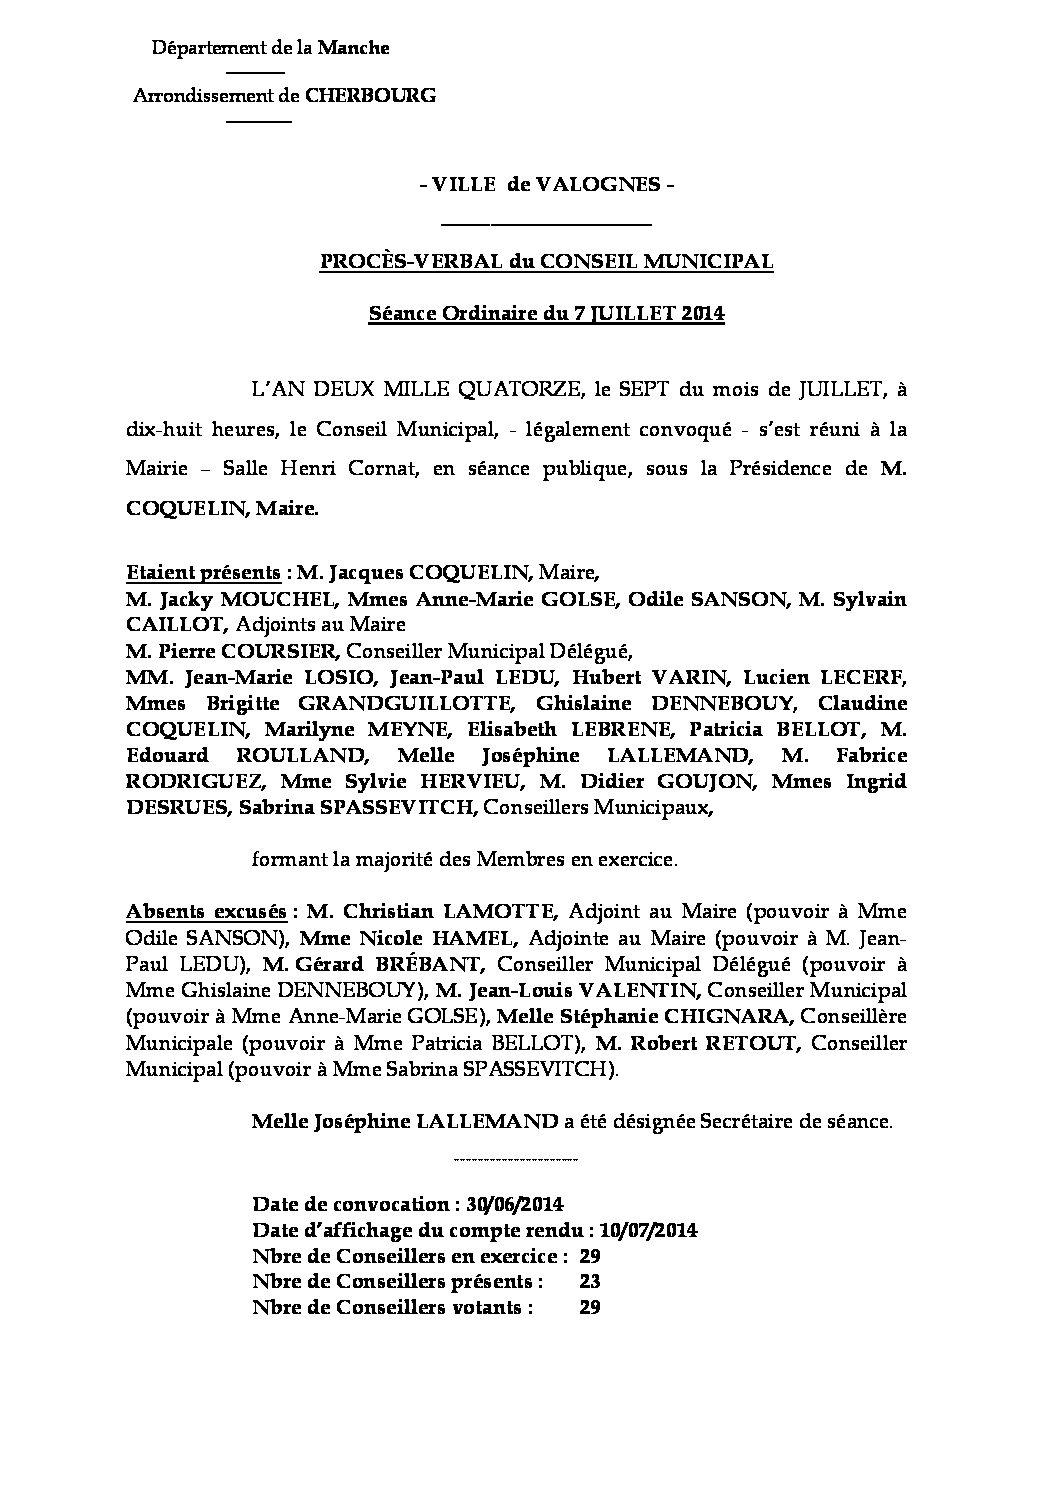 Procès-verbal du 07-07-2014 - Procès-verbal de la séance du Conseil Municipal du 7 juillet 2014, approuvé à l